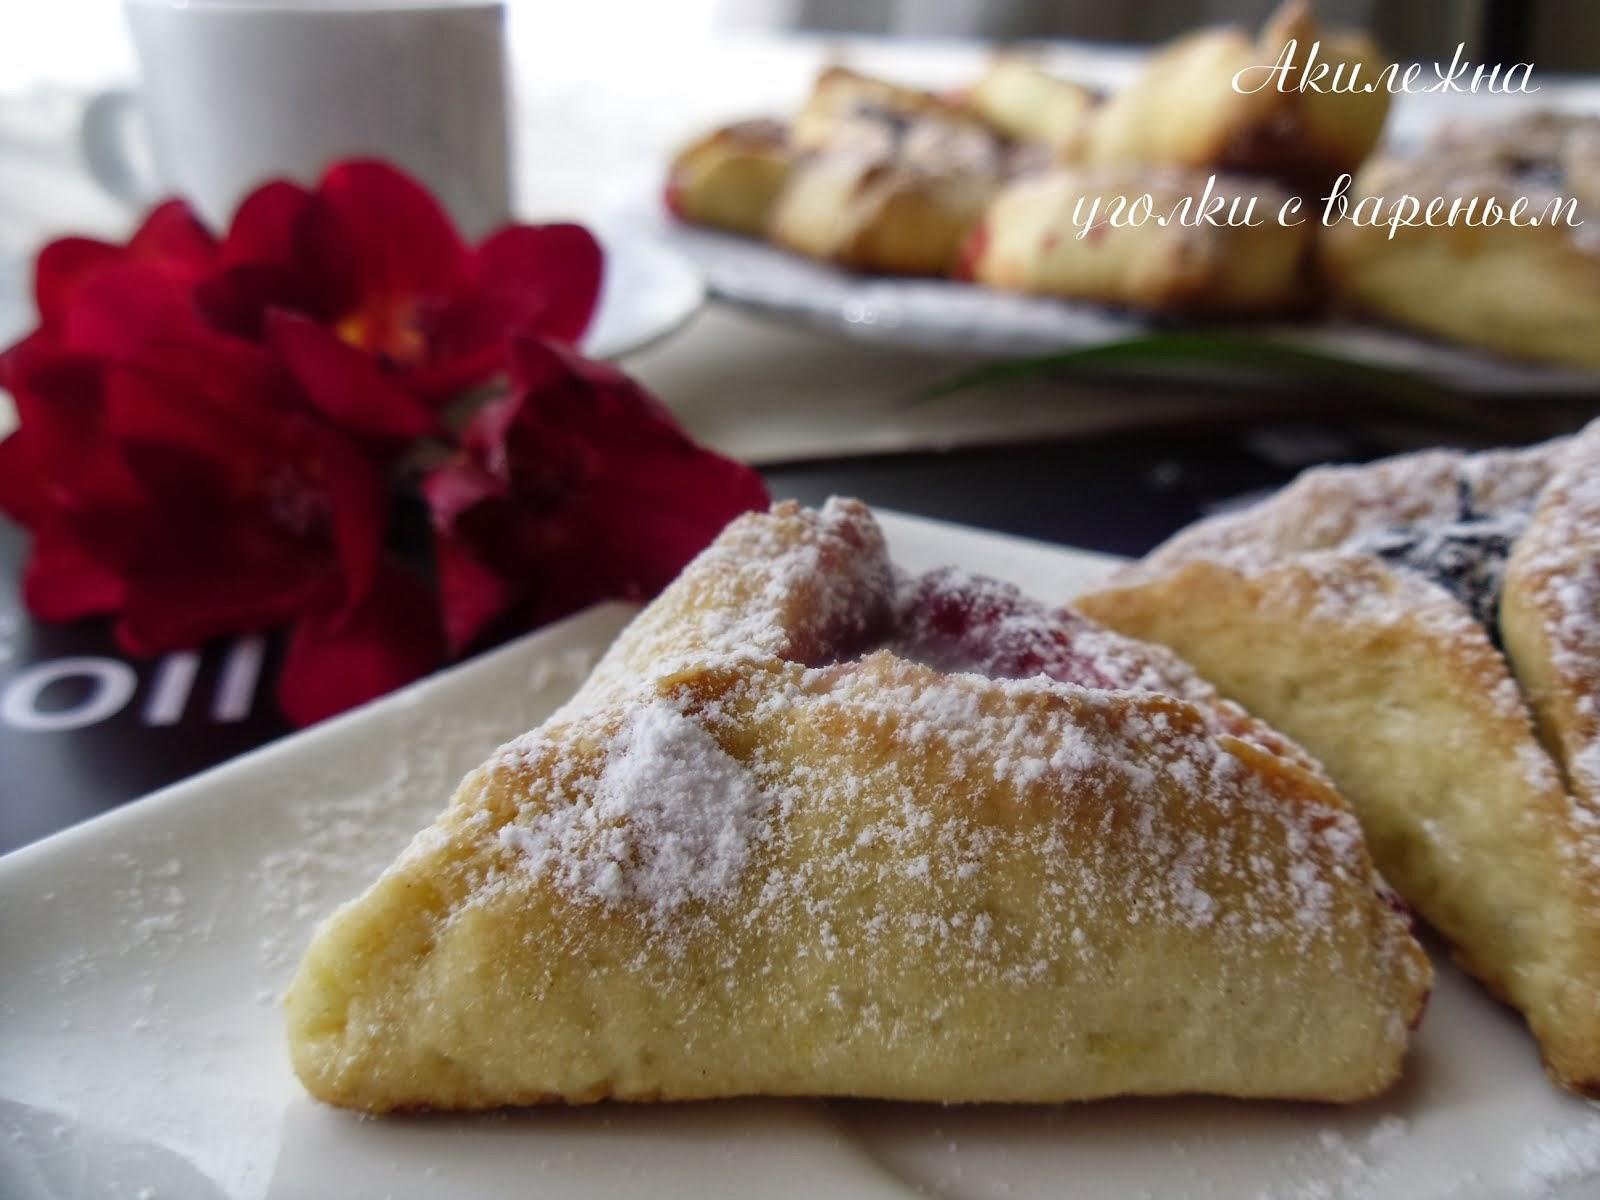 Печенье «Уголки с вареньем»